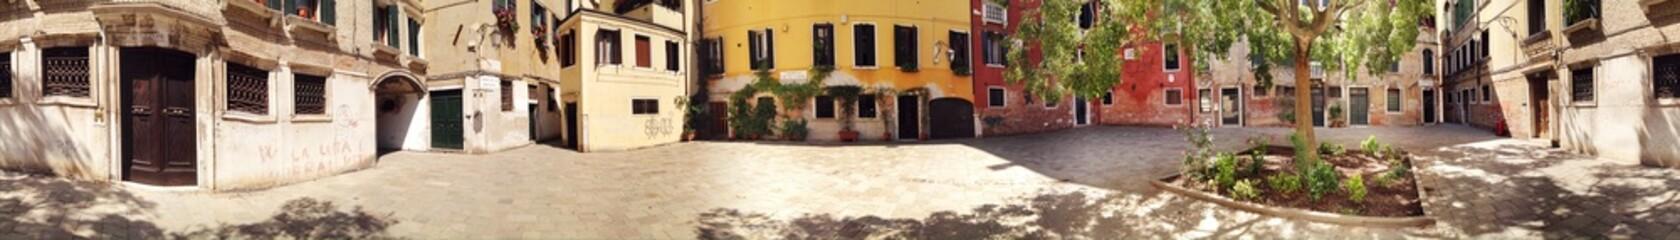 Panorama von Häusern in Venedig